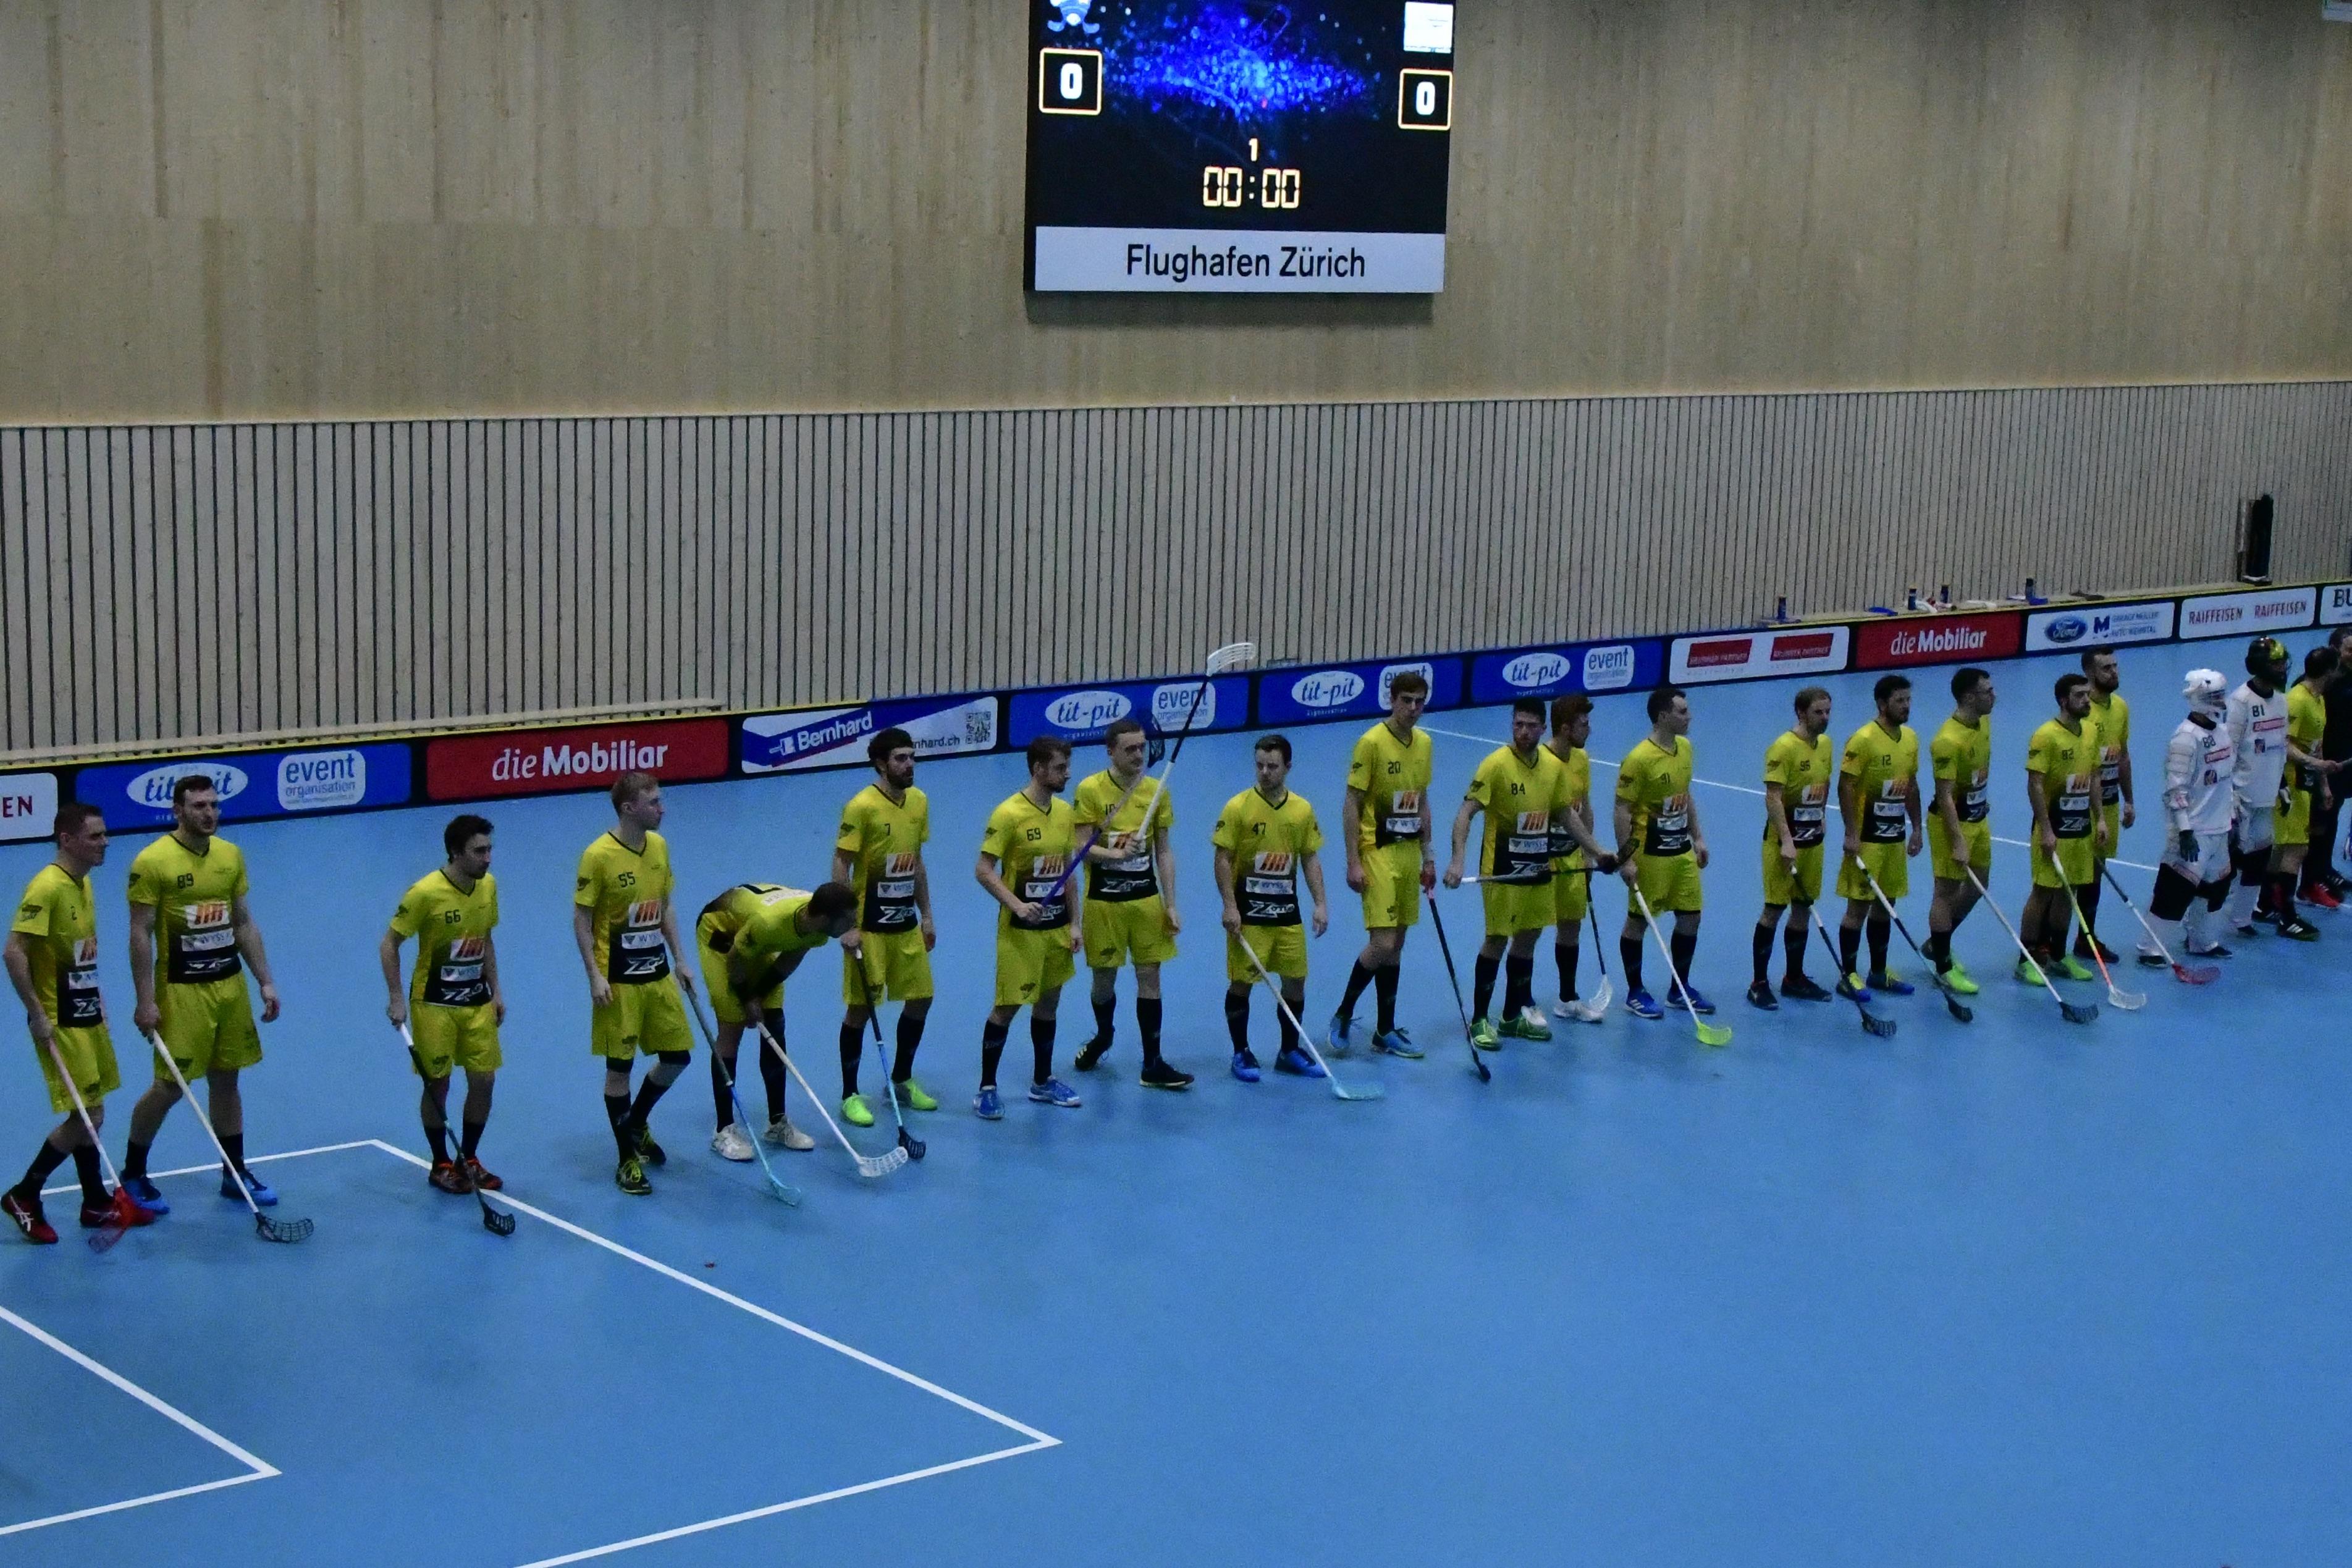 Herren l - Kloten-Dietlikon Jets, NLB Playoff, 1/4 Final, Spiel 3, Saison 2019/20